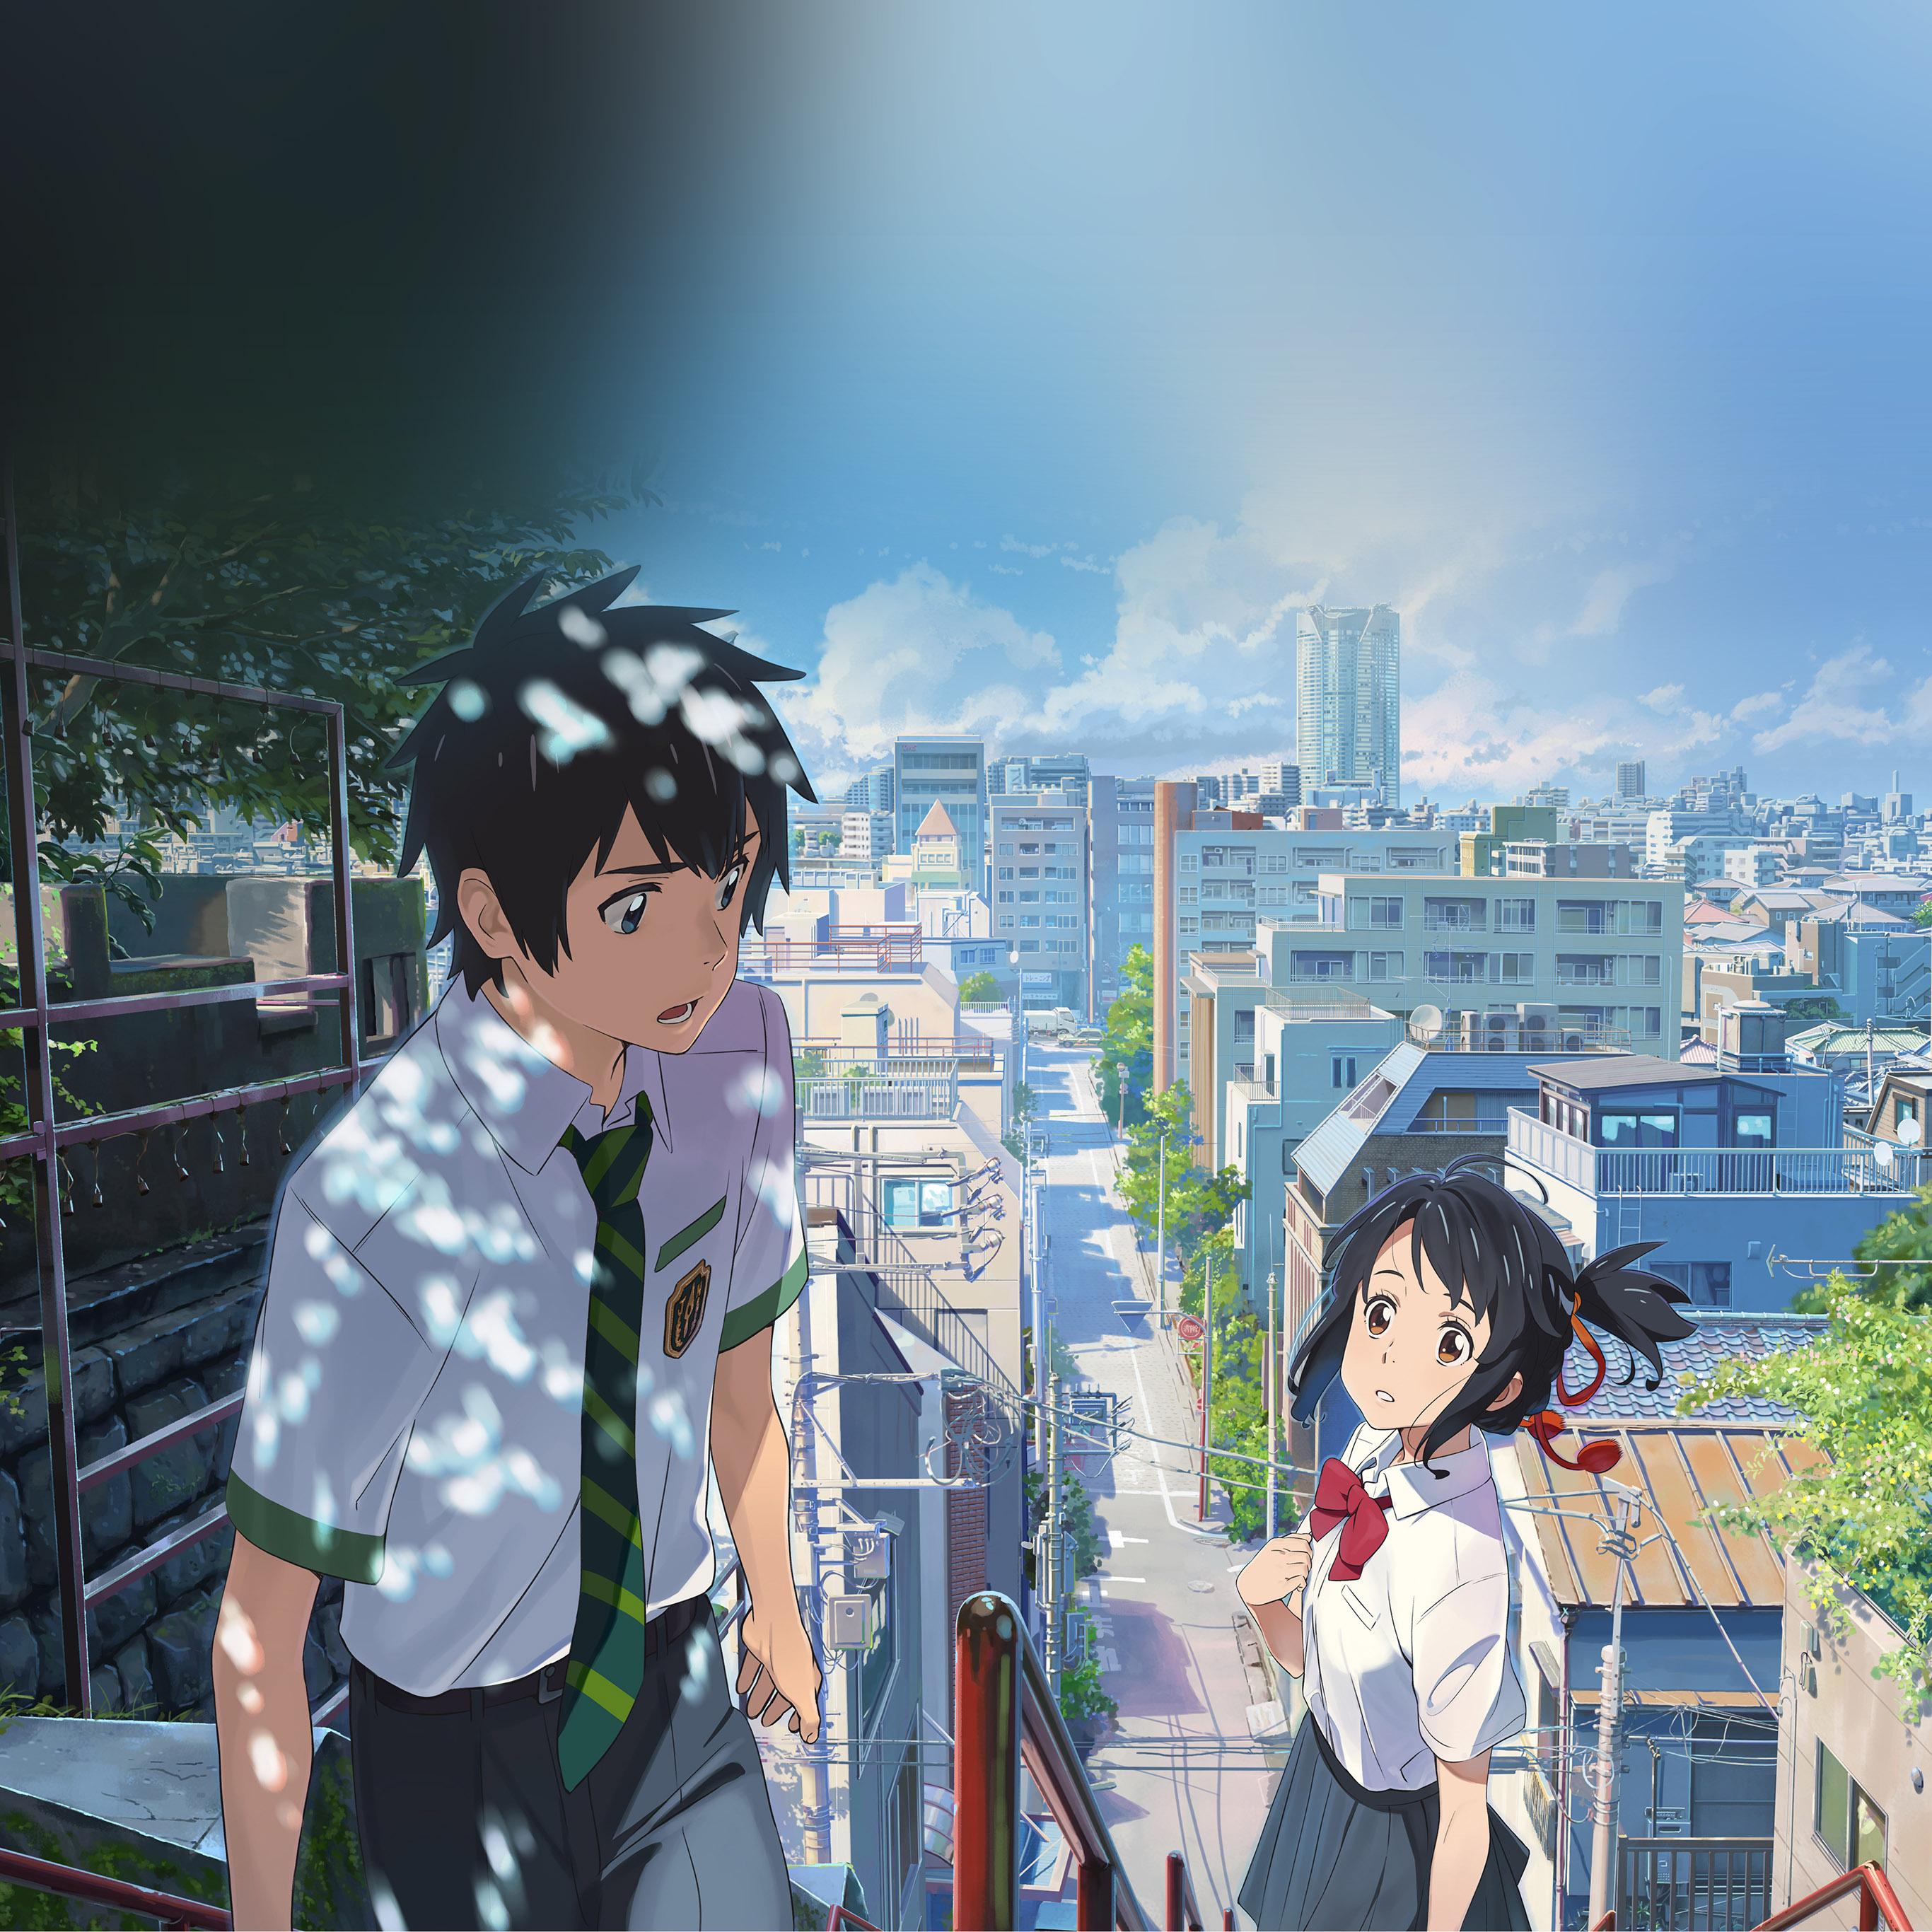 Bd04 Yourname Anime Summer Art Illustration Wallpaper